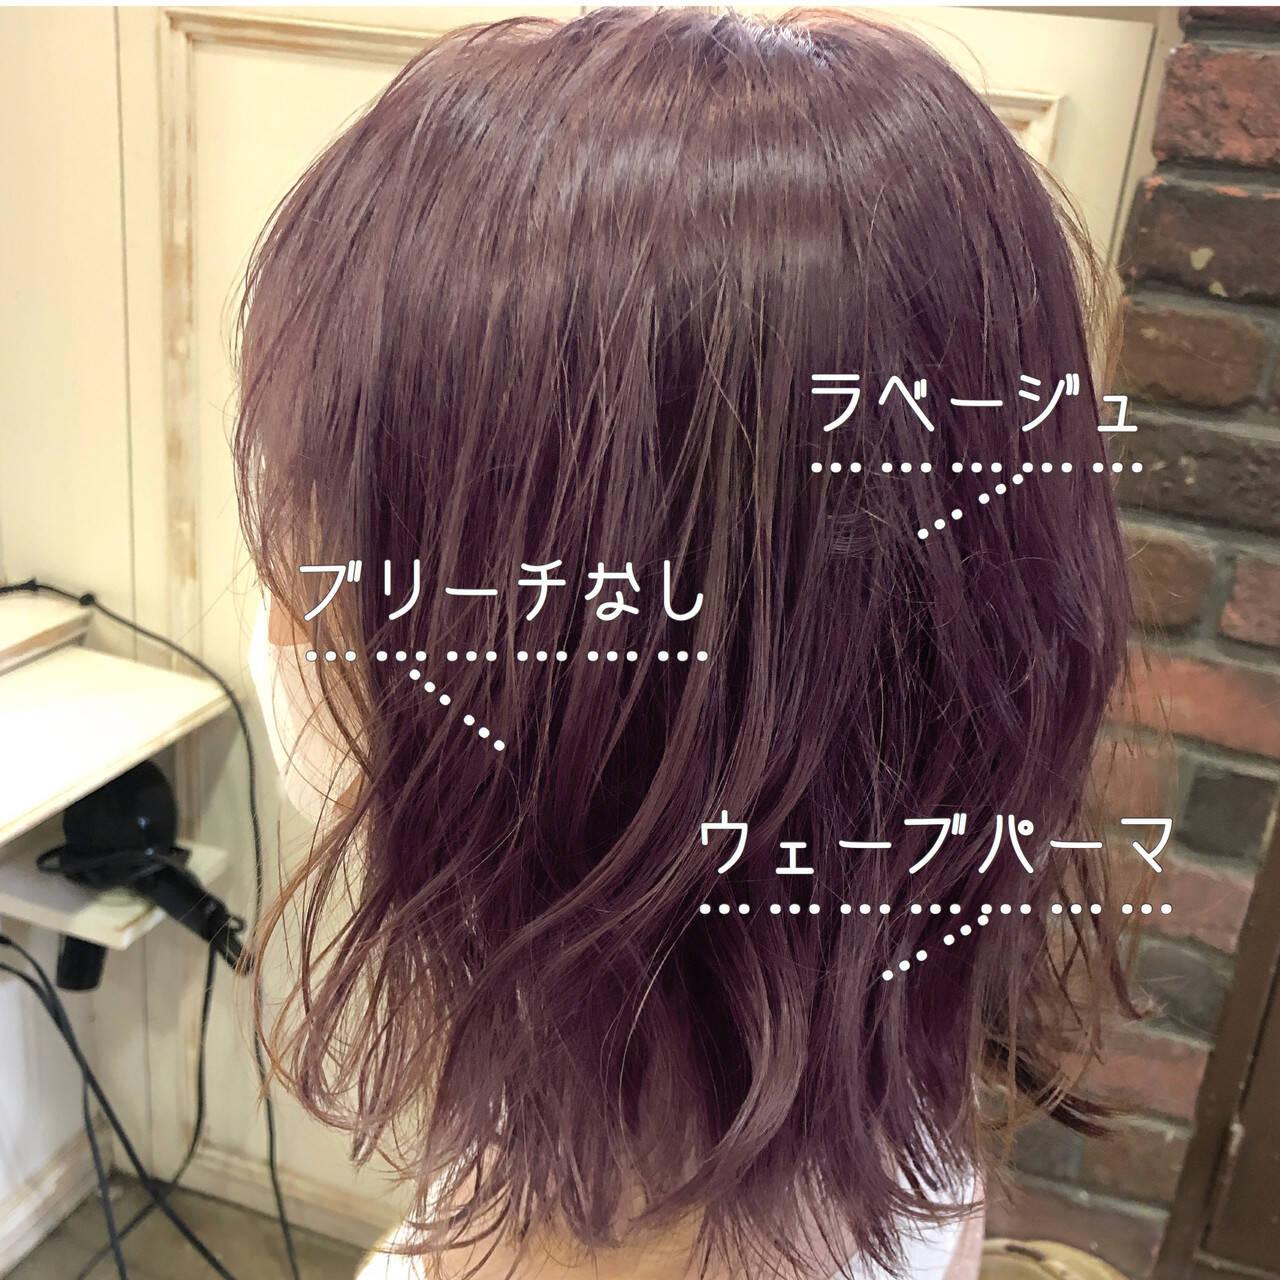 ラベンダーアッシュ ラベンダーグレージュ ラベンダーカラー ピンクラベンダーヘアスタイルや髪型の写真・画像